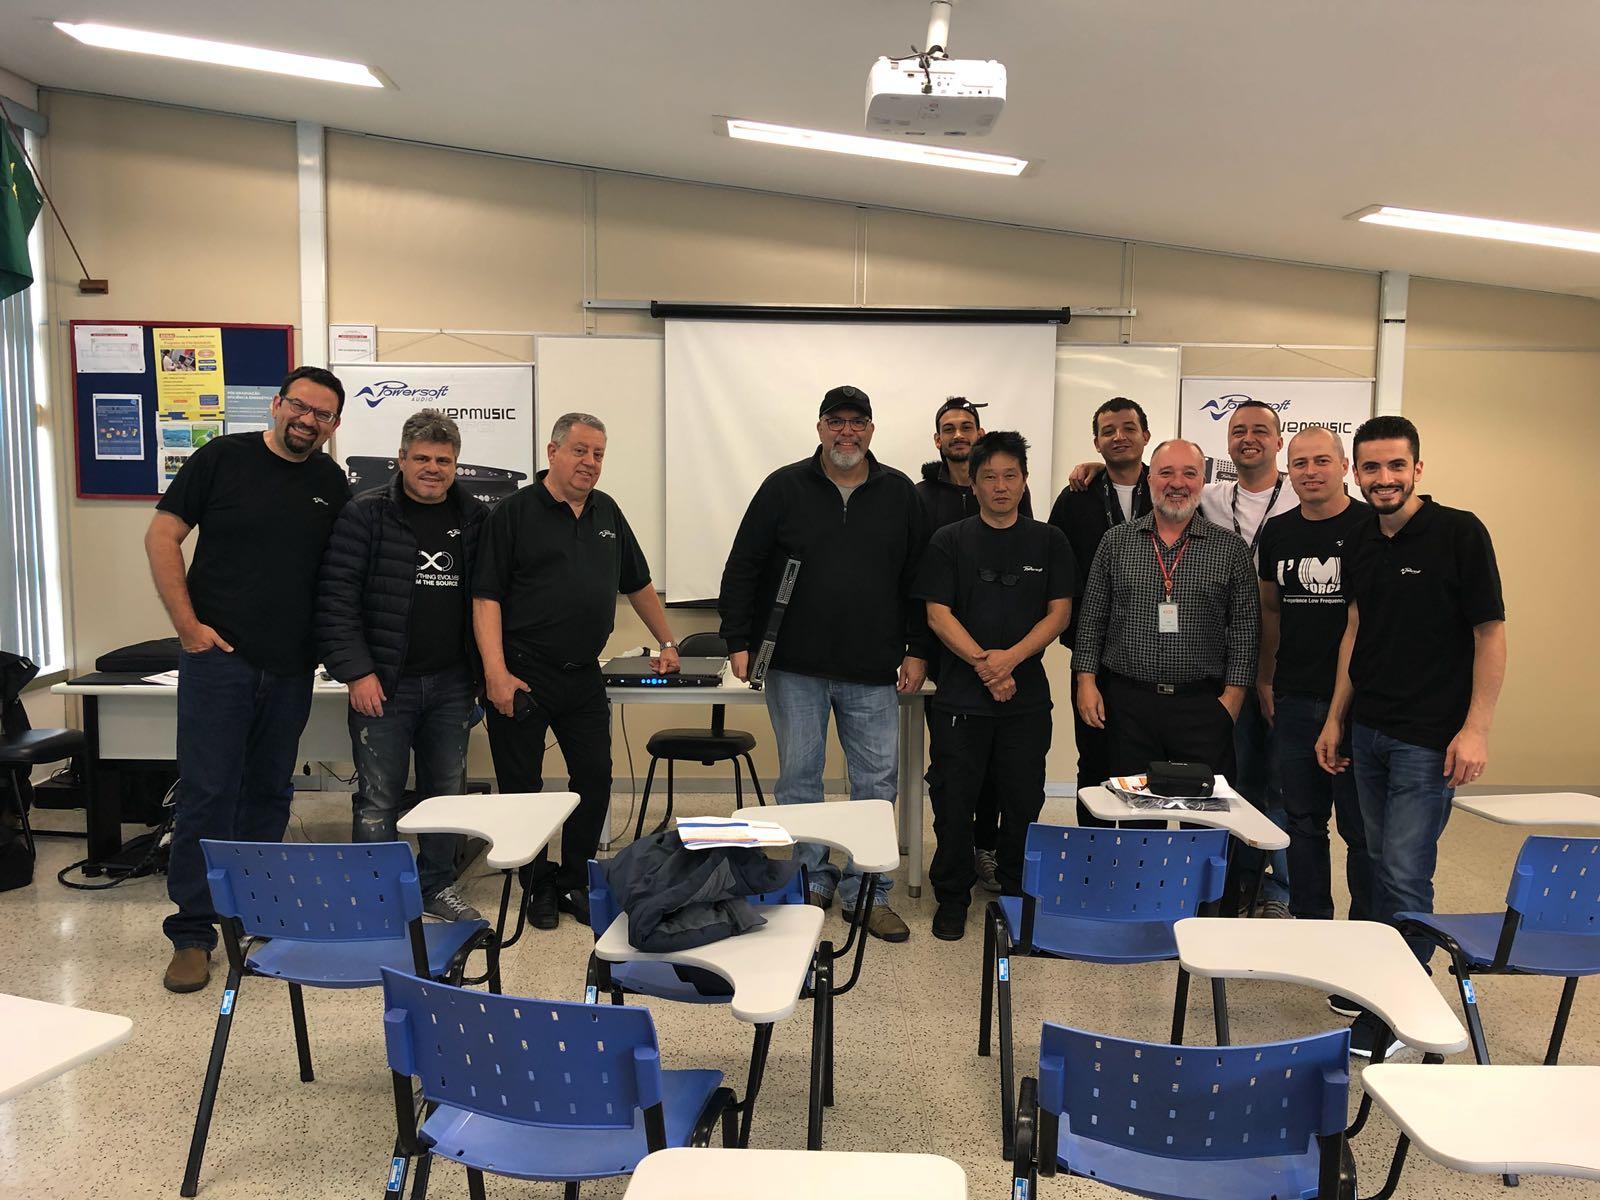 Armonia seminario privado Sao Paulo